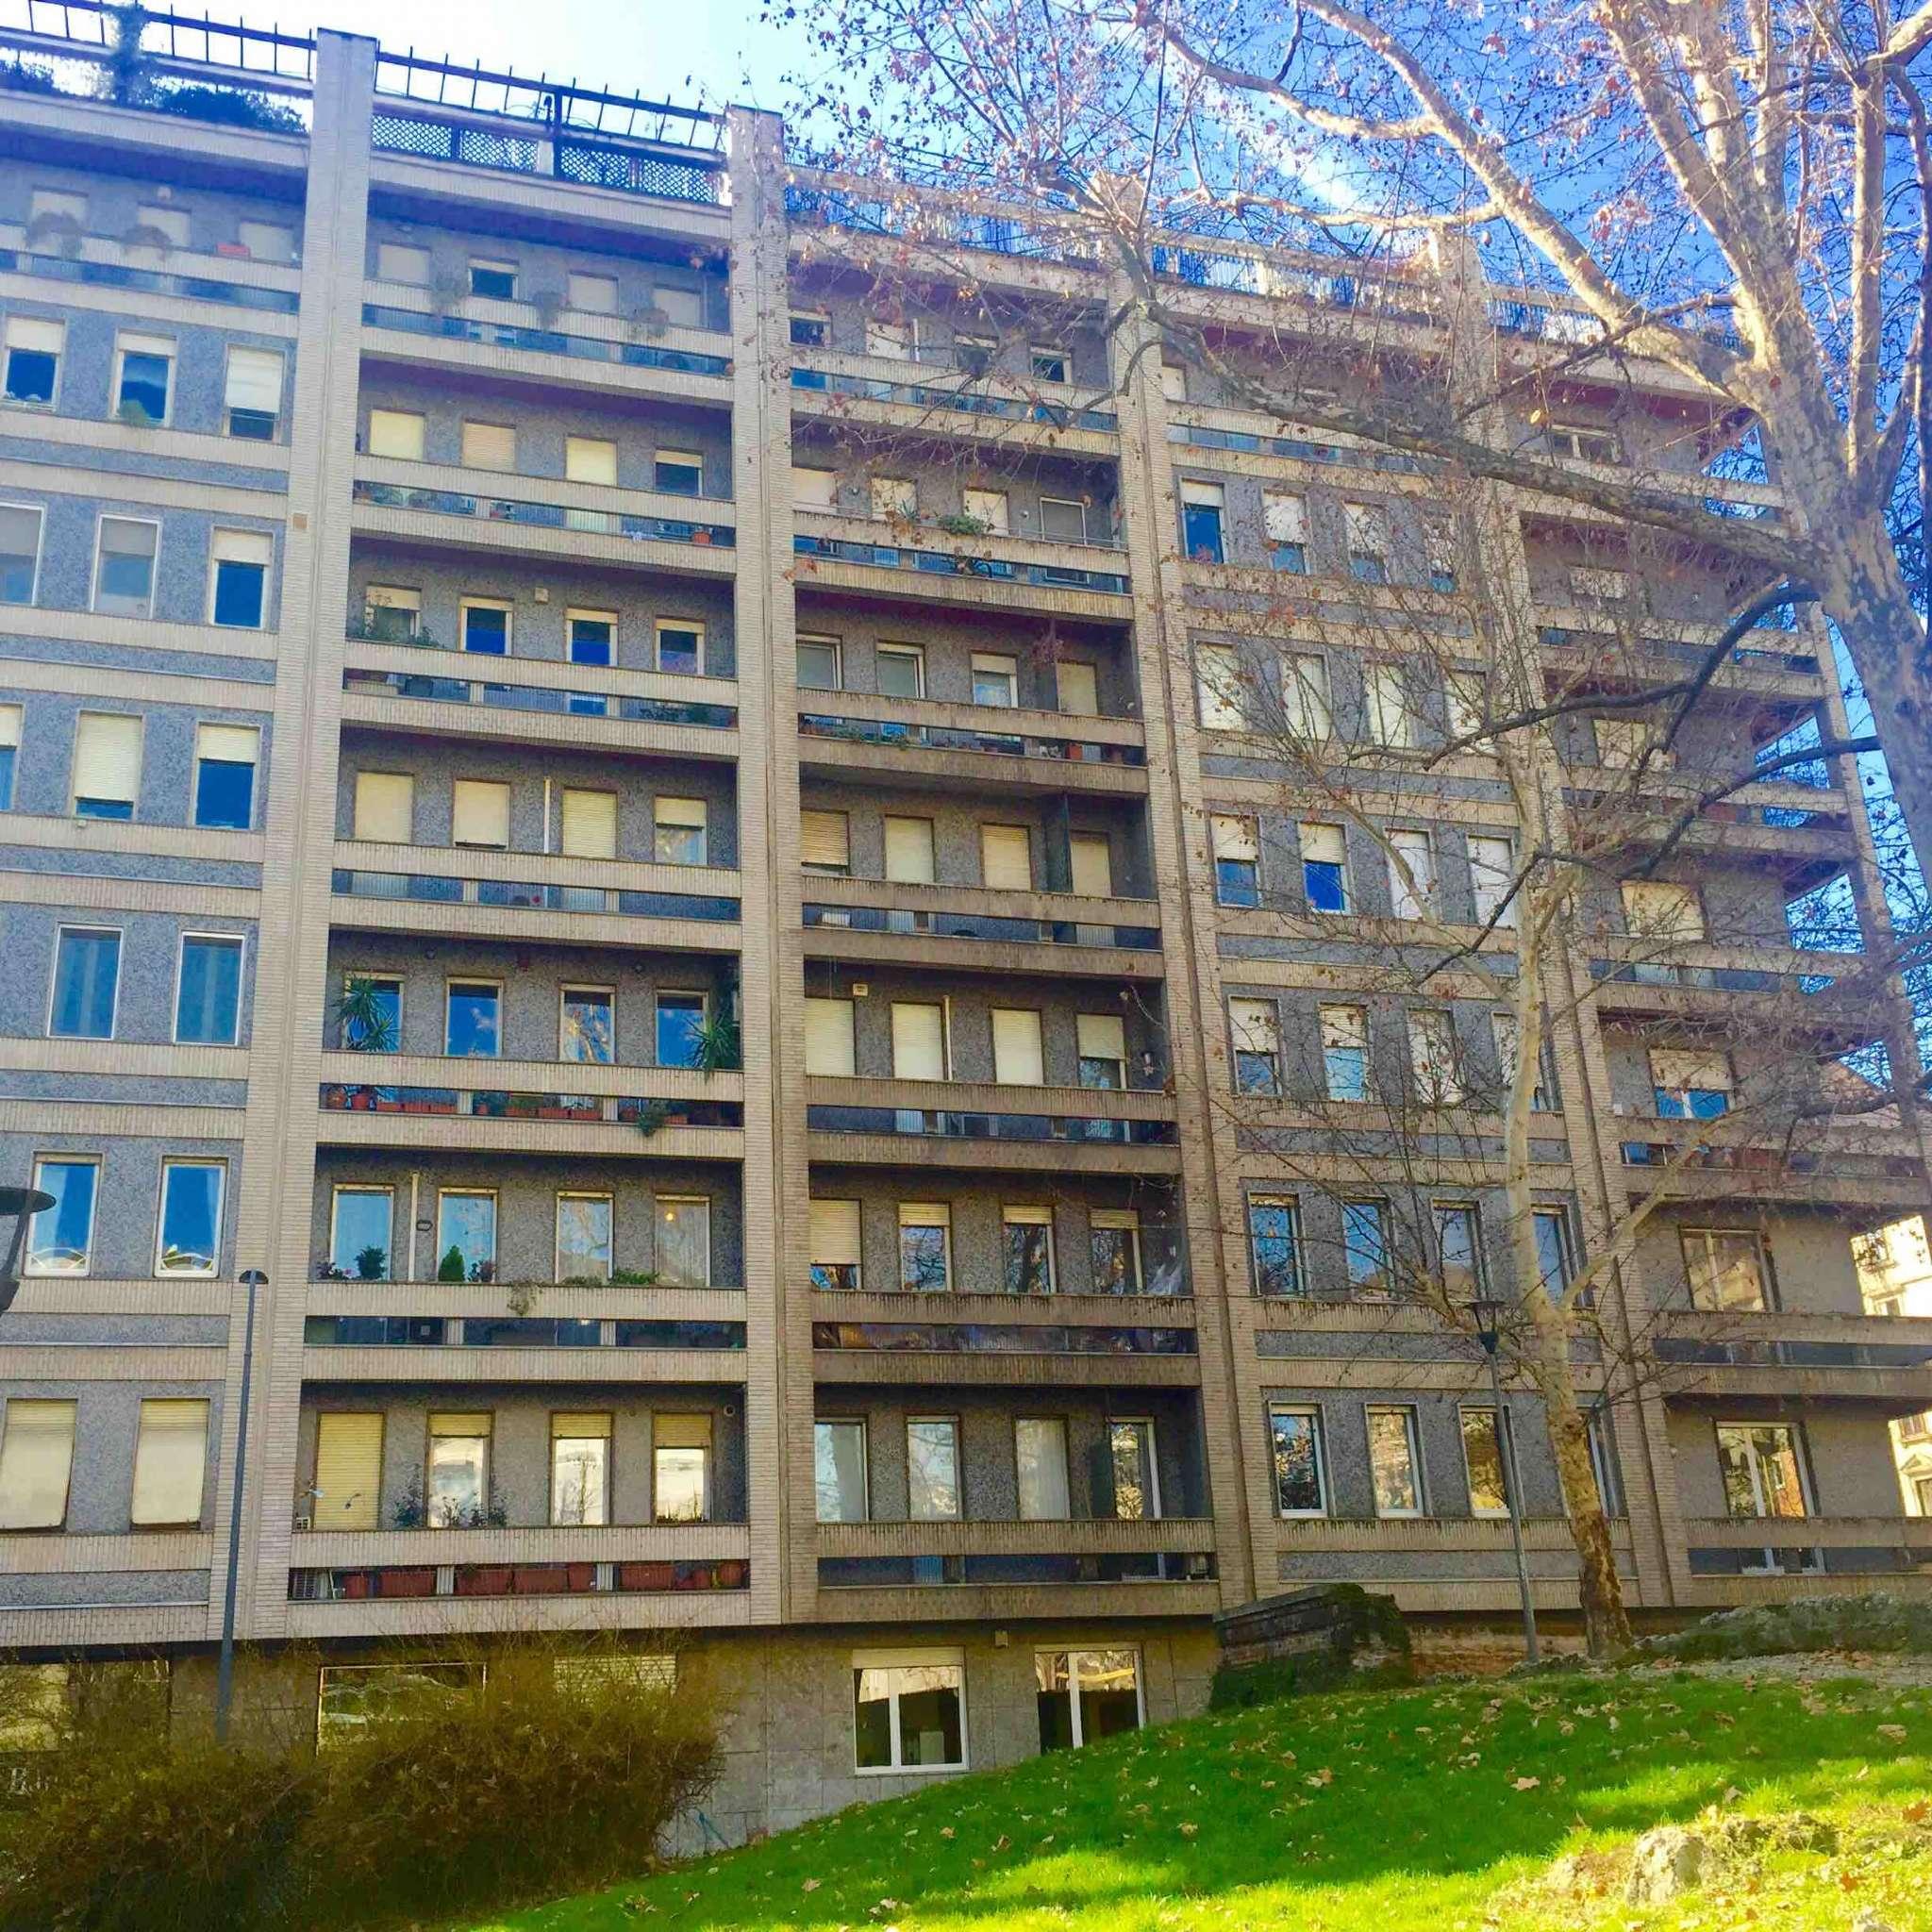 Appartamento in vendita a Milano, 6 locali, zona Zona: 6 . V Giornate, XXII Marzo, P.ta Romana, Viale Corsica, Tribunale, Policlinico, prezzo € 1.090.000   CambioCasa.it